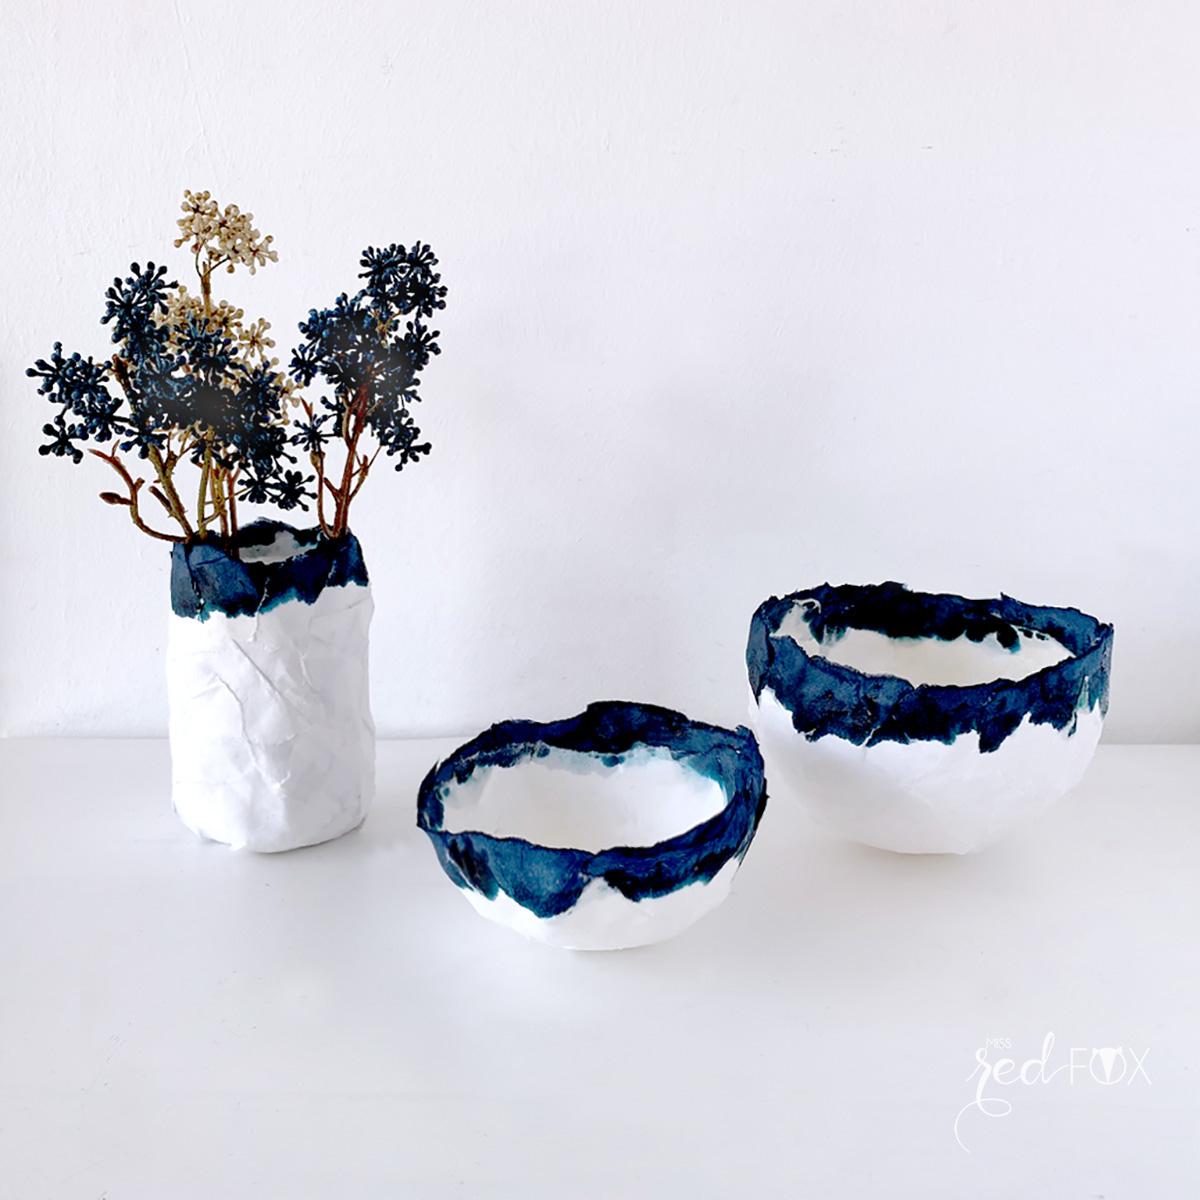 missredfox - 12giftswithlove - Minimalistisch - Pappmaché Schalen Vase Indigo - 06